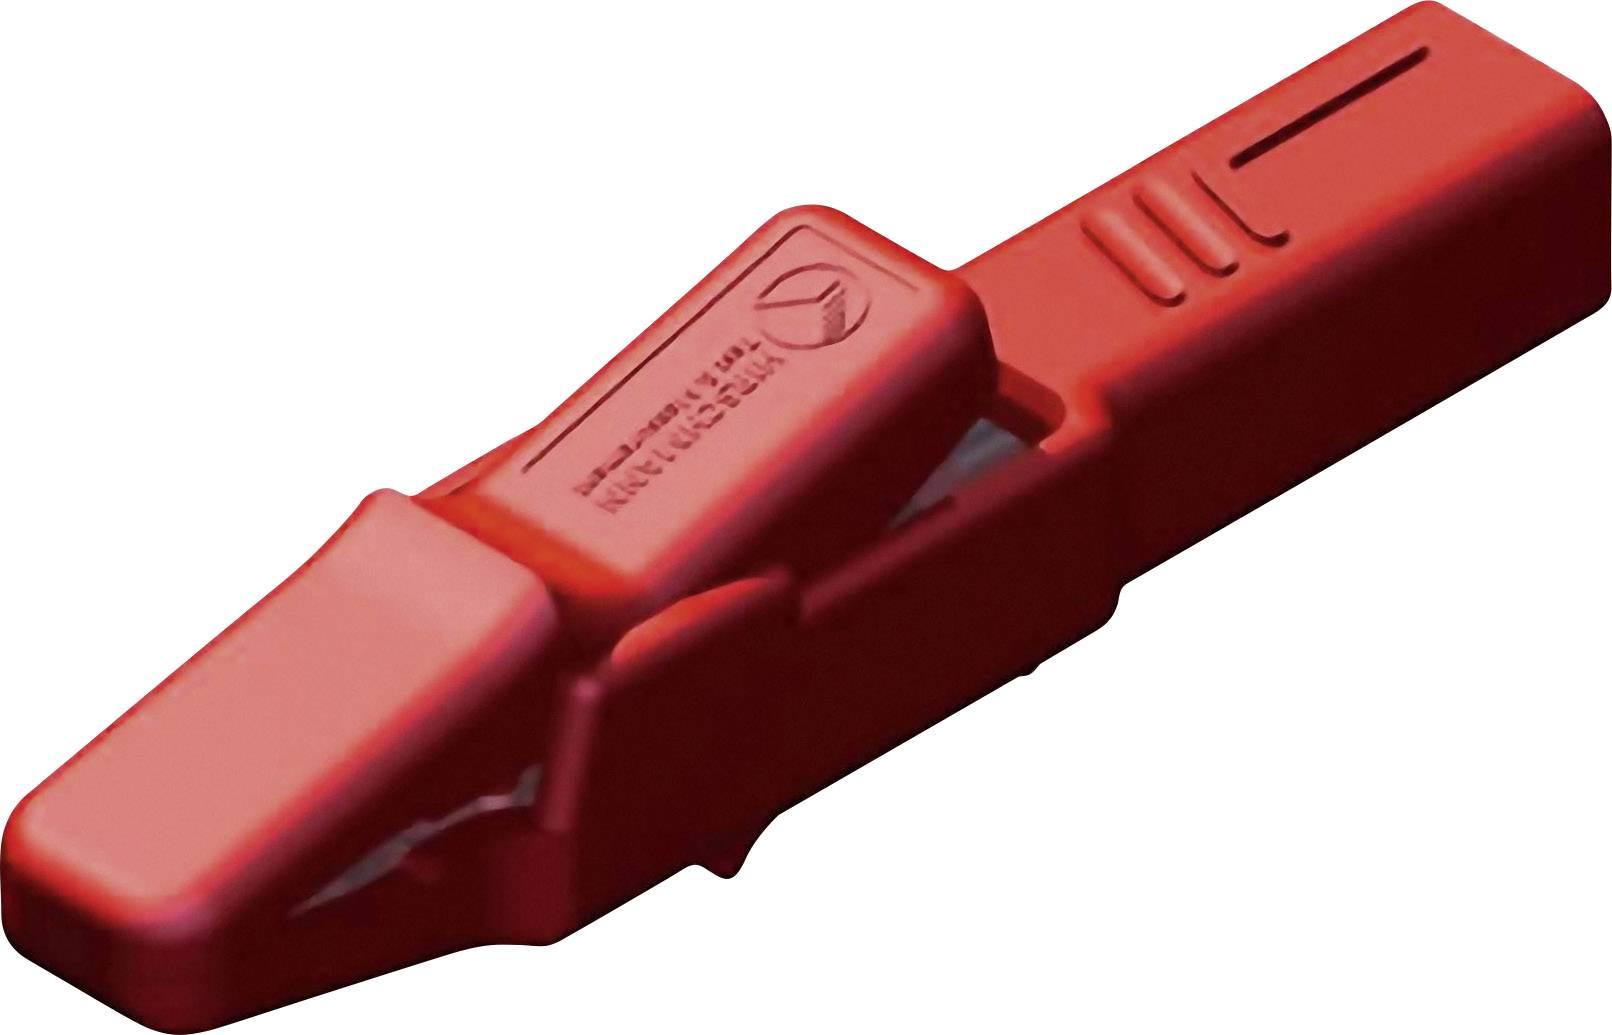 Meracia krokosvorka Hirschmann AK 2 B, červená